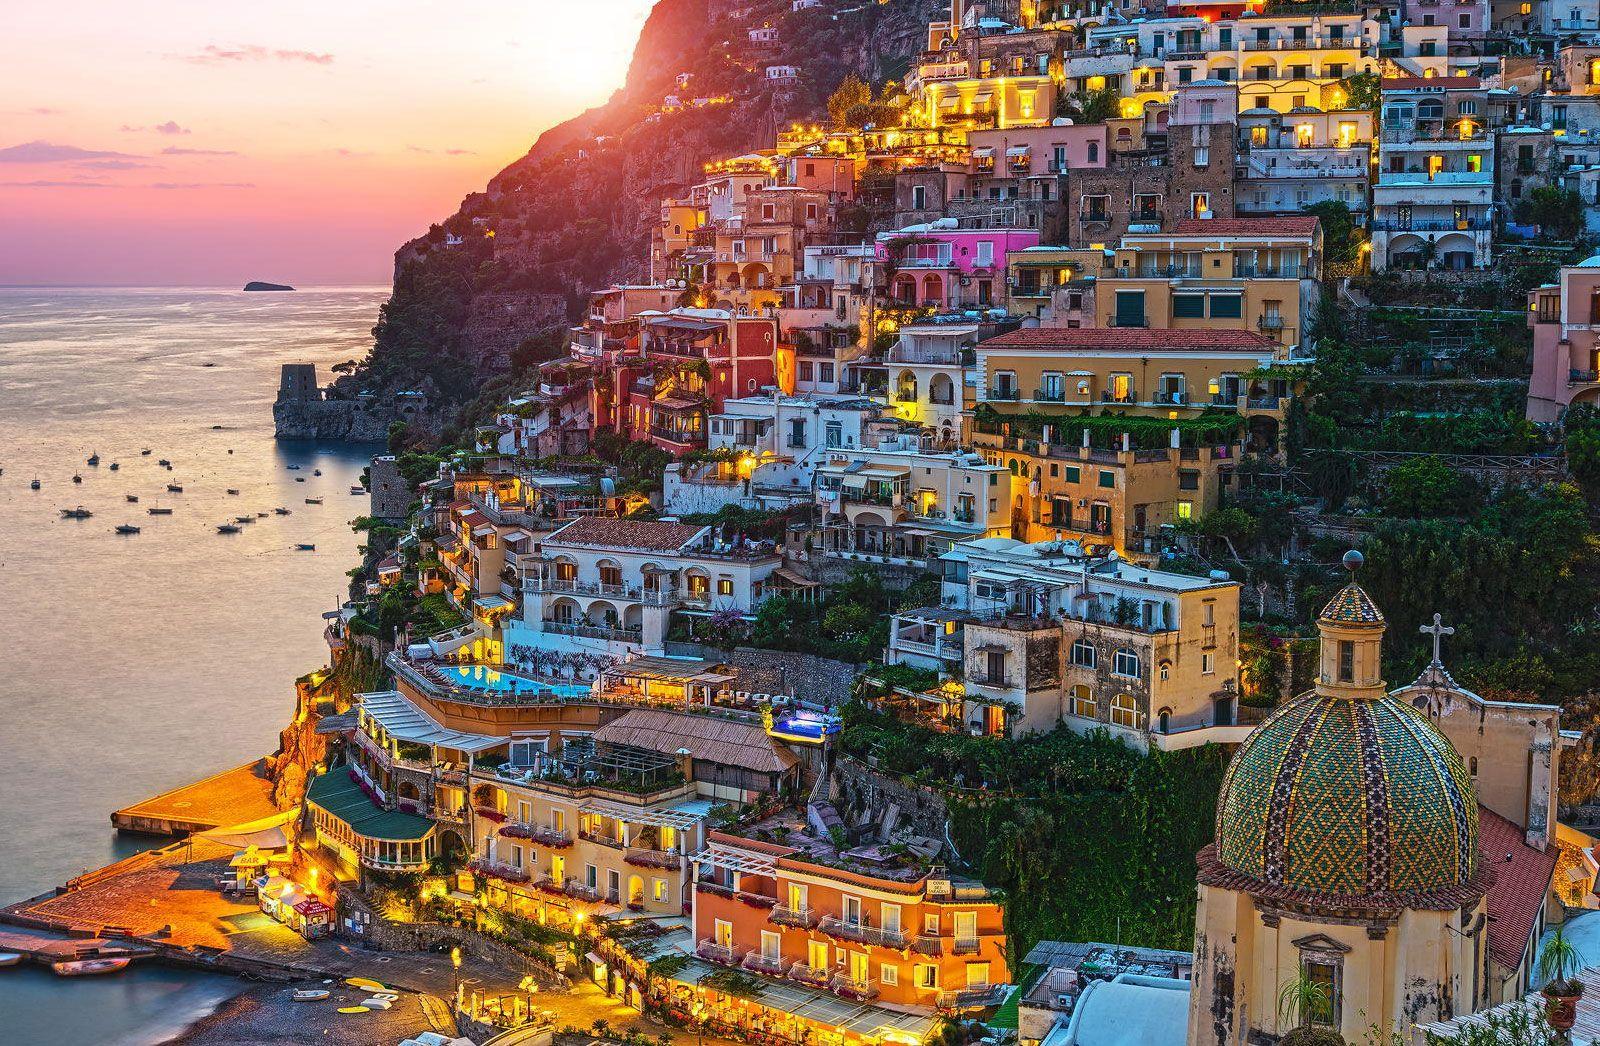 sorento italija jesenja putovanja oktobar novembar